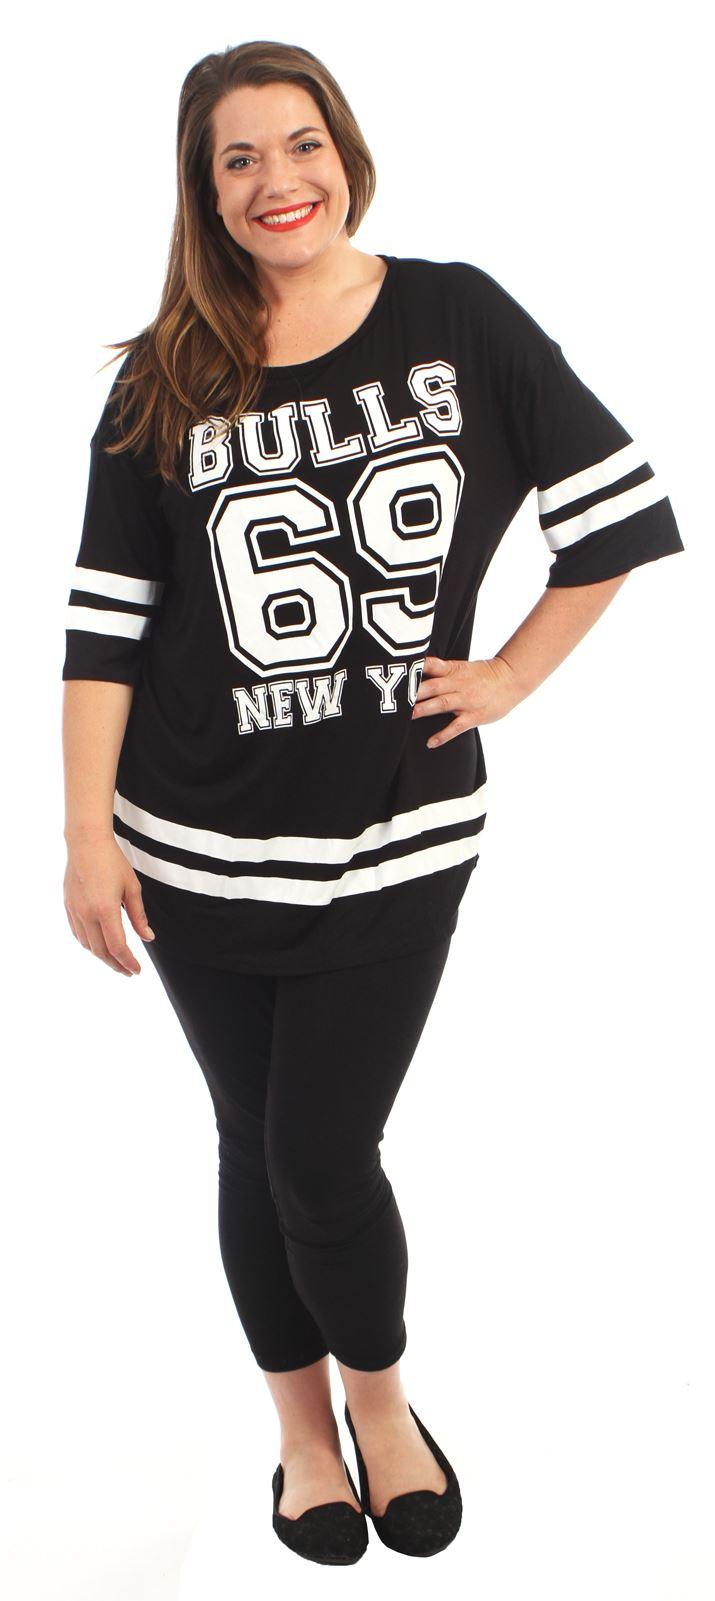 Neue Frauen Over Größe Varsity 69 Stiere Baggy T-Shirt Oberteile 40-54